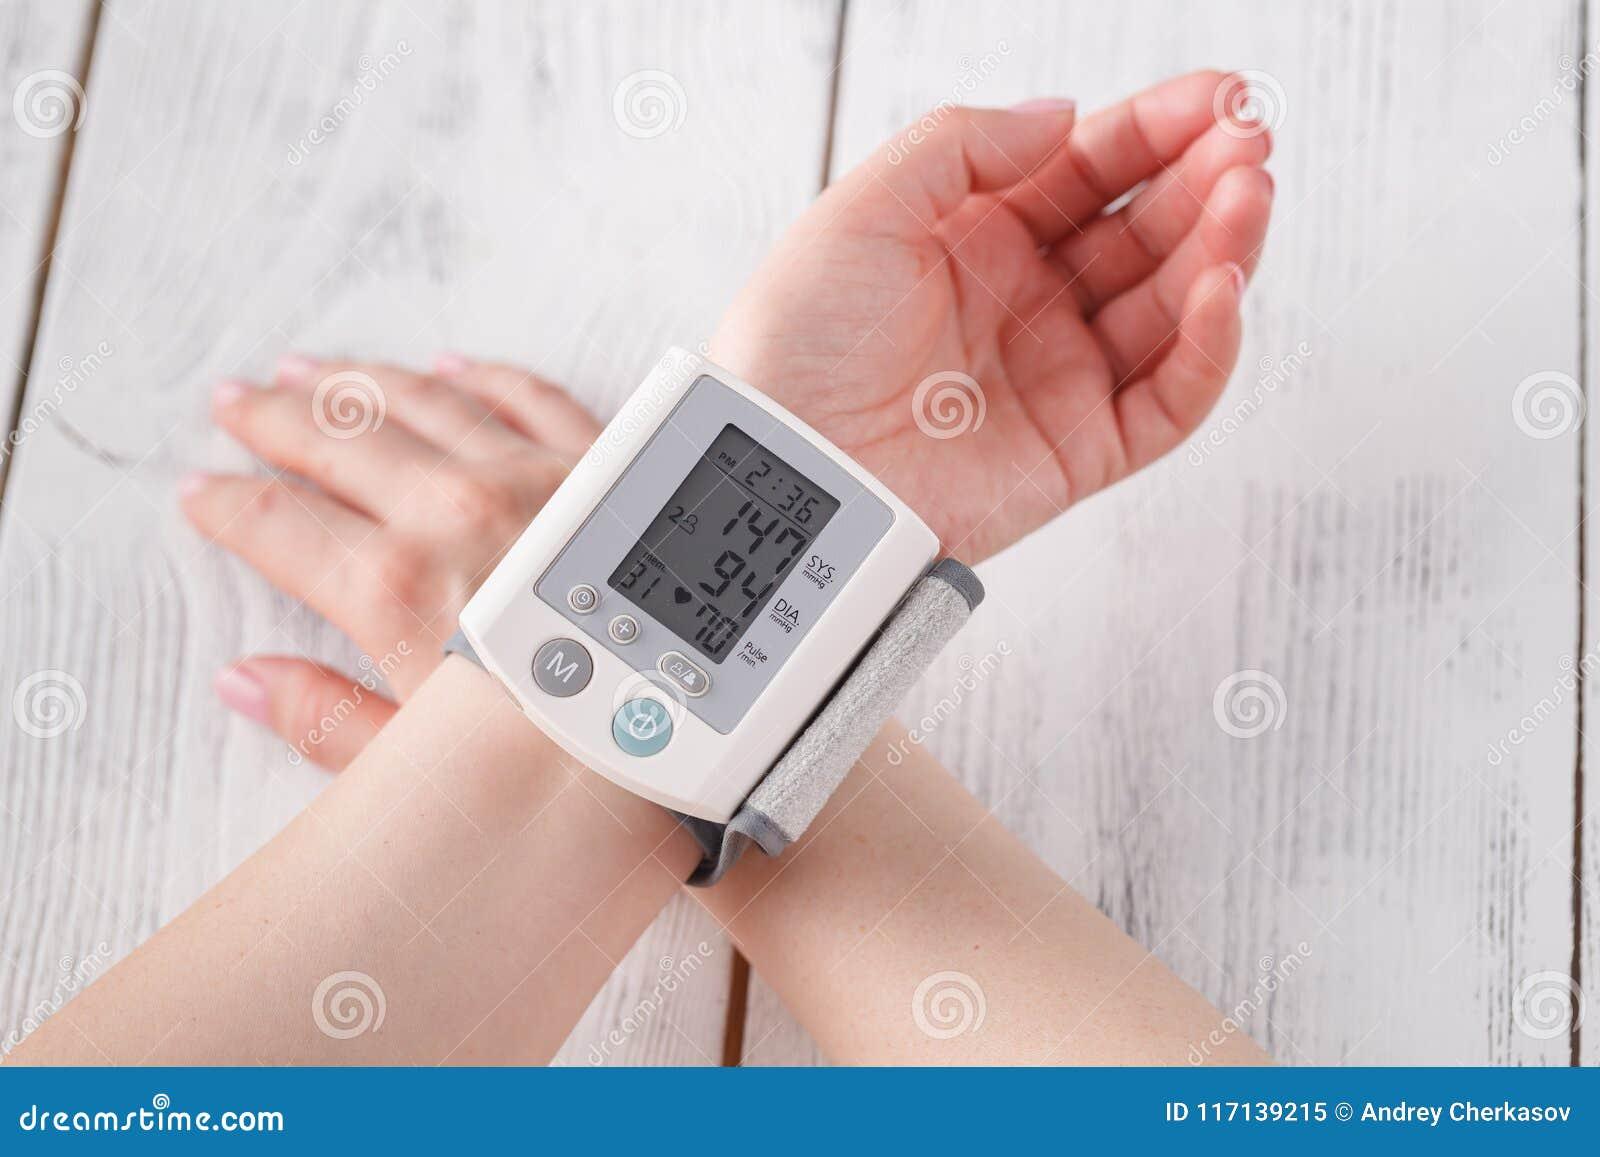 Equipo para tomar la tension arterial